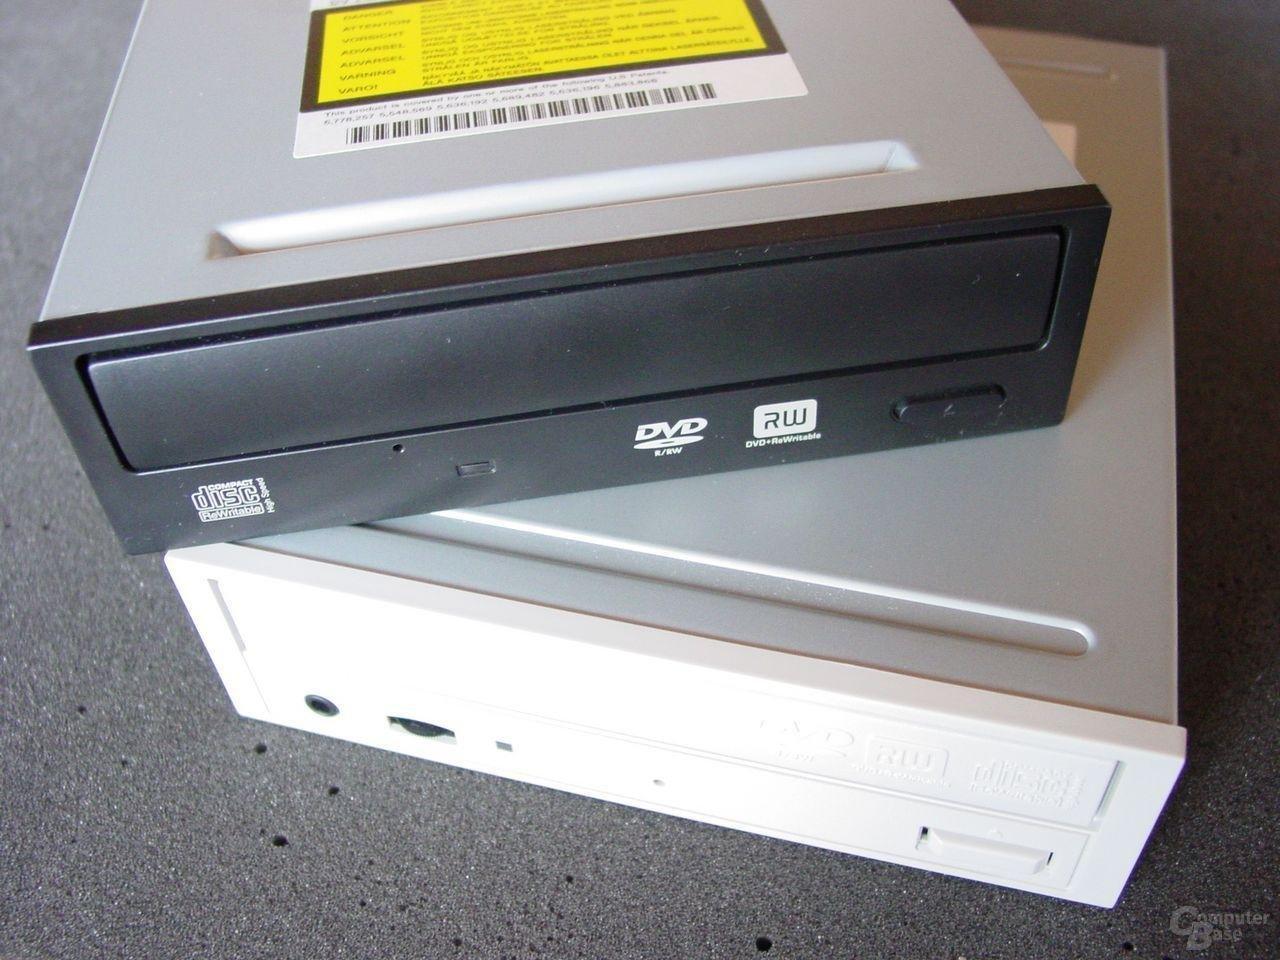 NEC ND-1300A vs. Sony DRU-500A